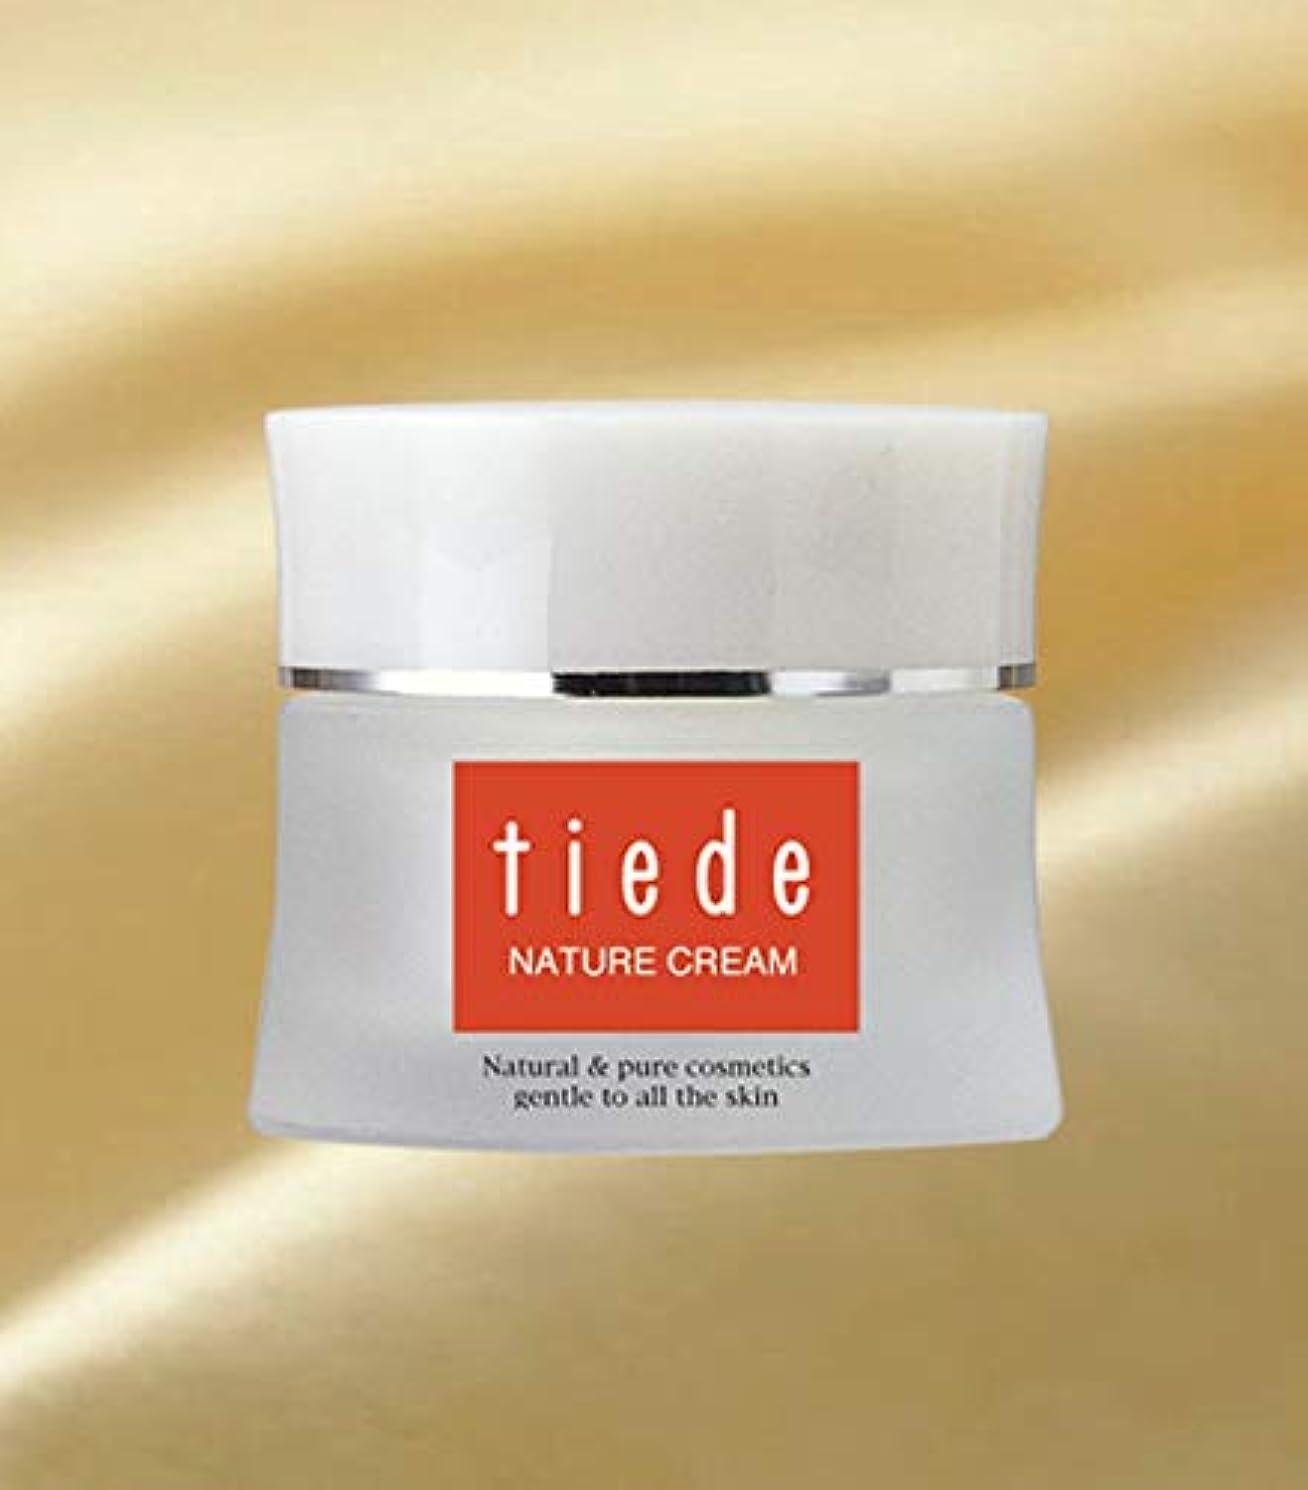 航空会社あいさつ抑圧するティエード ナテュール クリーム(40g) Tiede Natural Cream